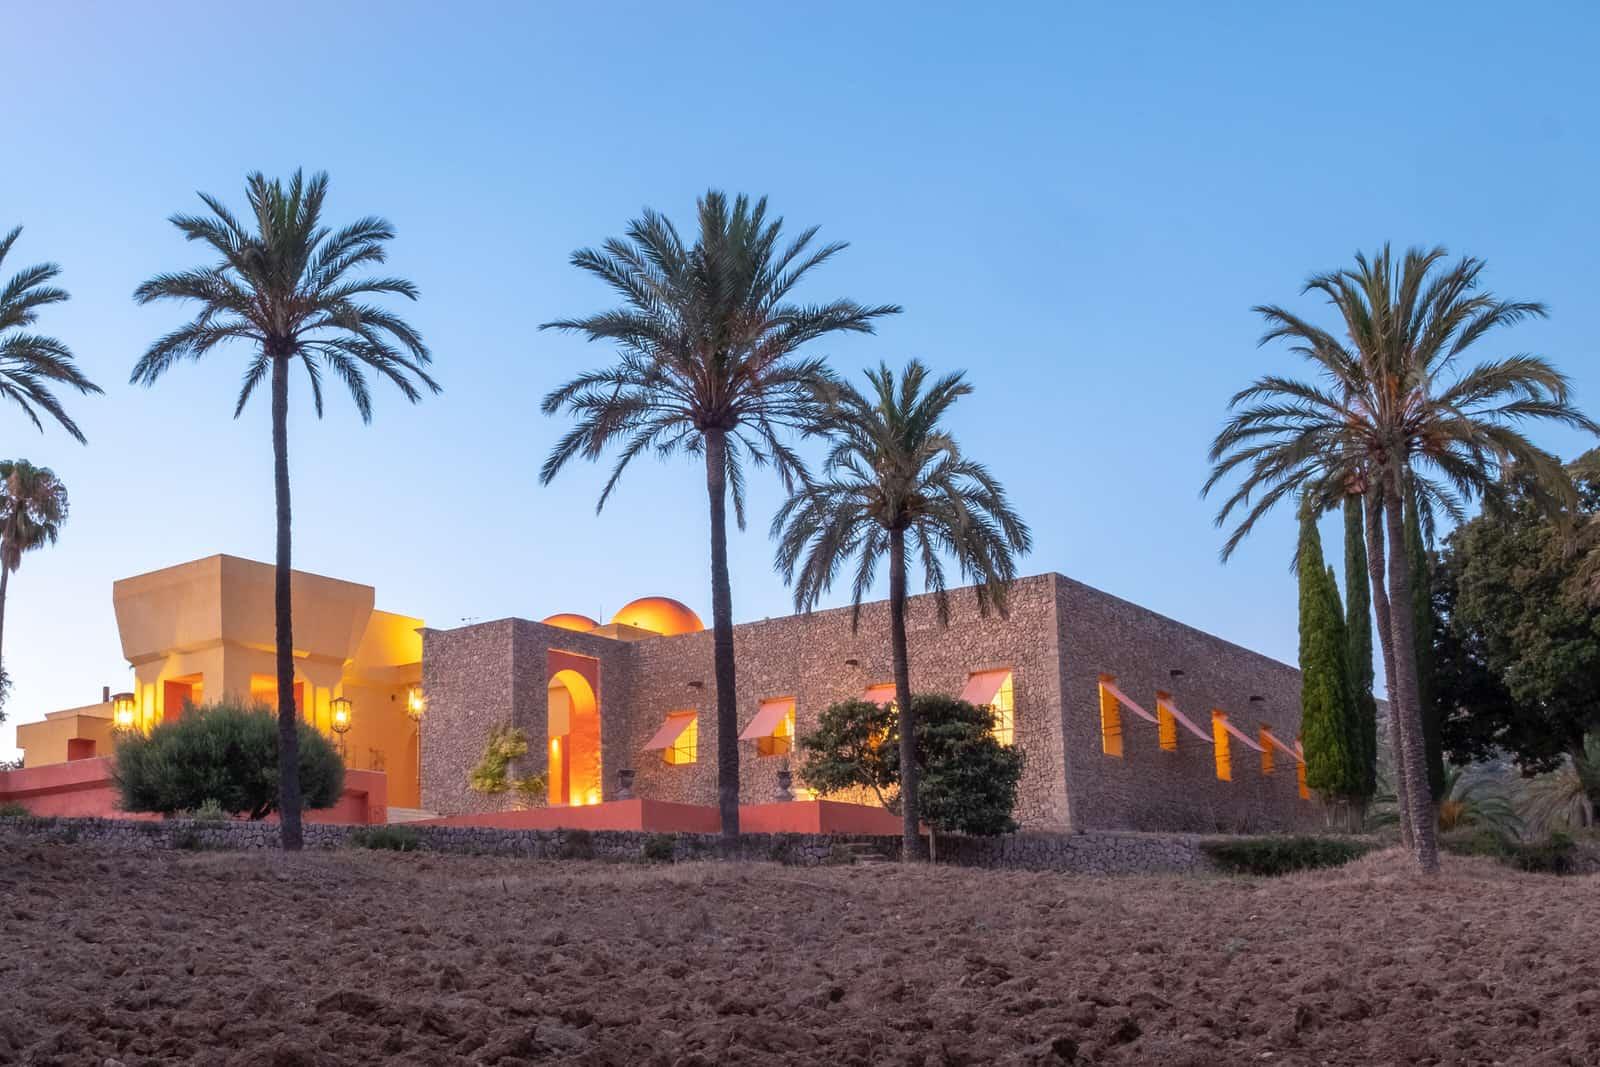 Vista general casa con palmeras